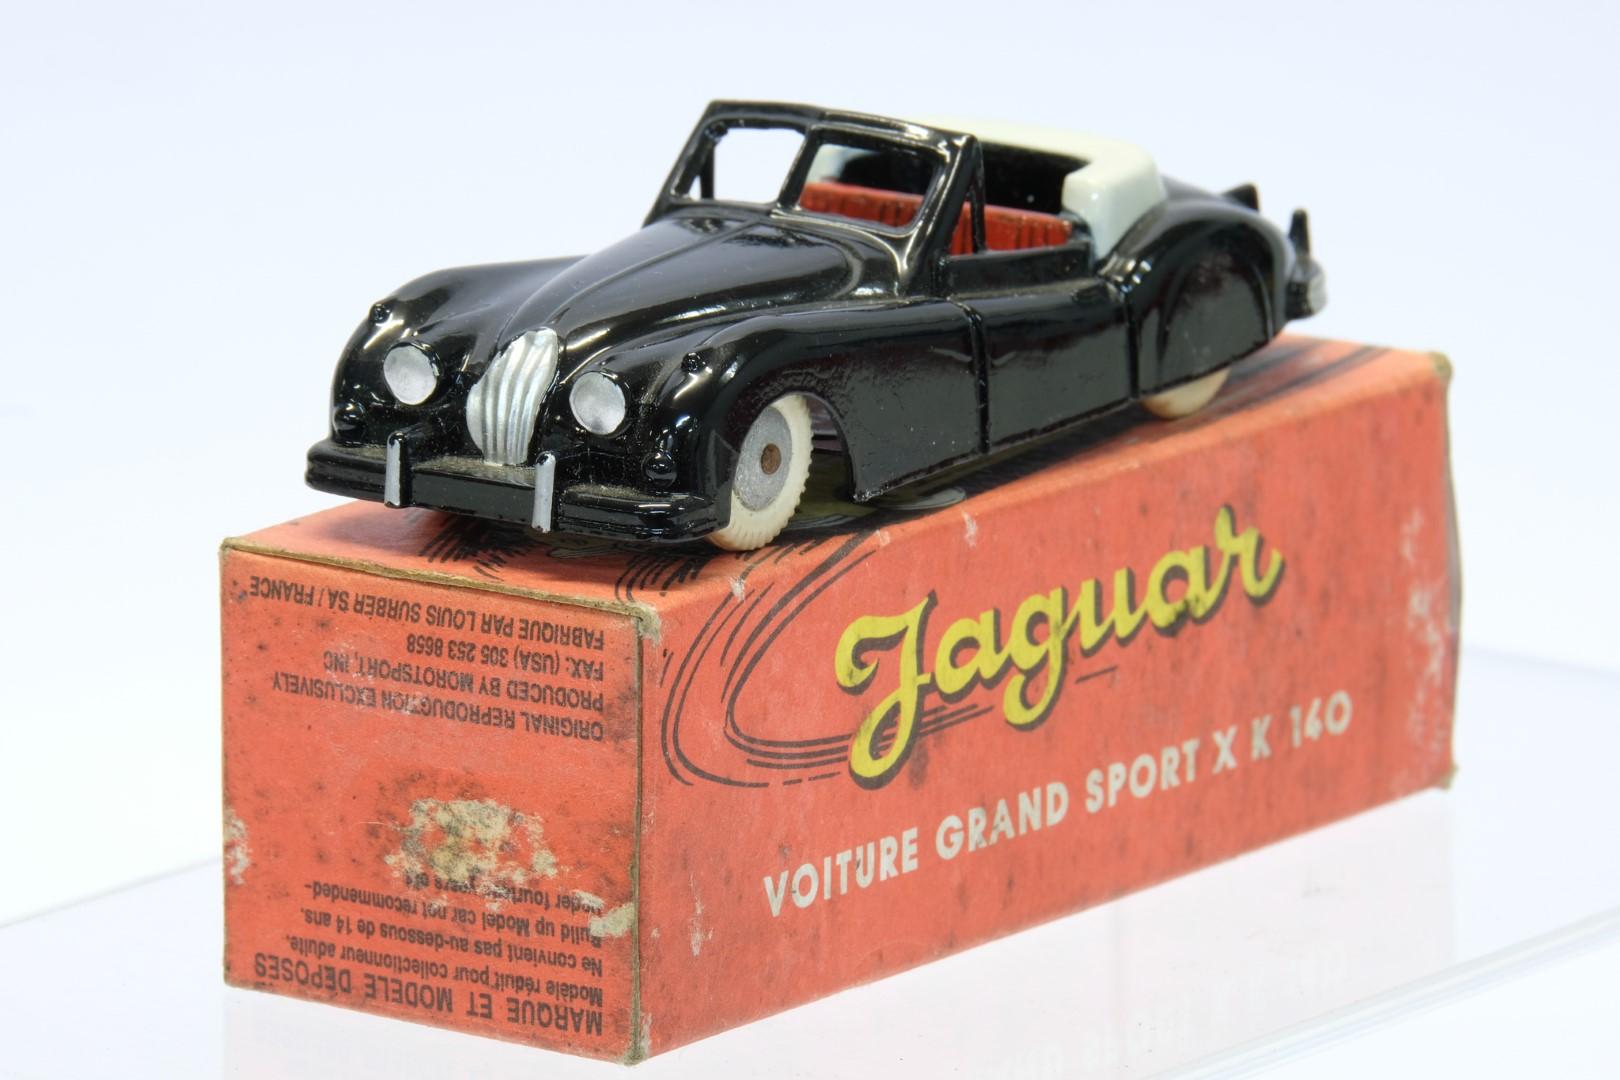 Quiralu Jaguar Voiture Grand Sport XK140 Black - Image 2 of 4